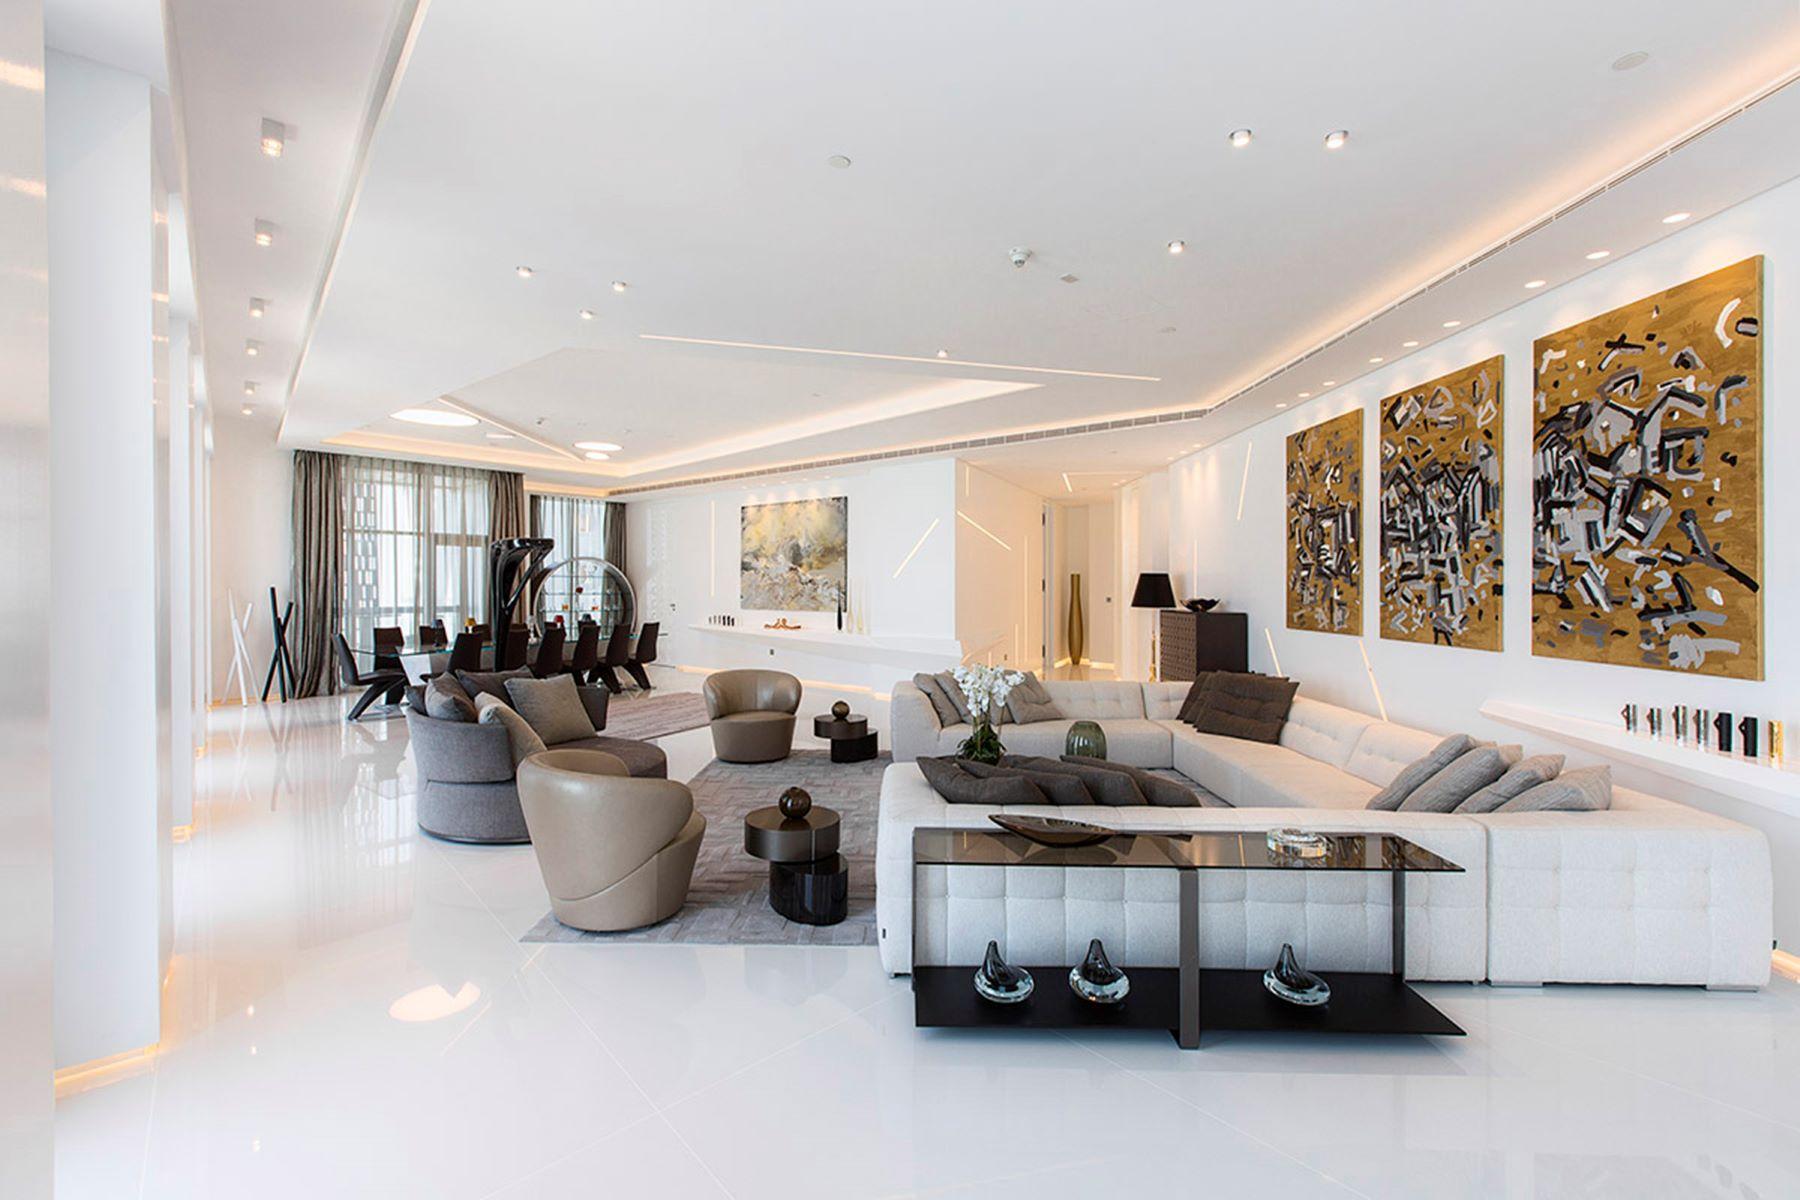 Căn hộ vì Bán tại Grandeur Single-Floor Penthouse Dubai, Các Tiểu Vương Quốc Ả-Rập Thống Nhất